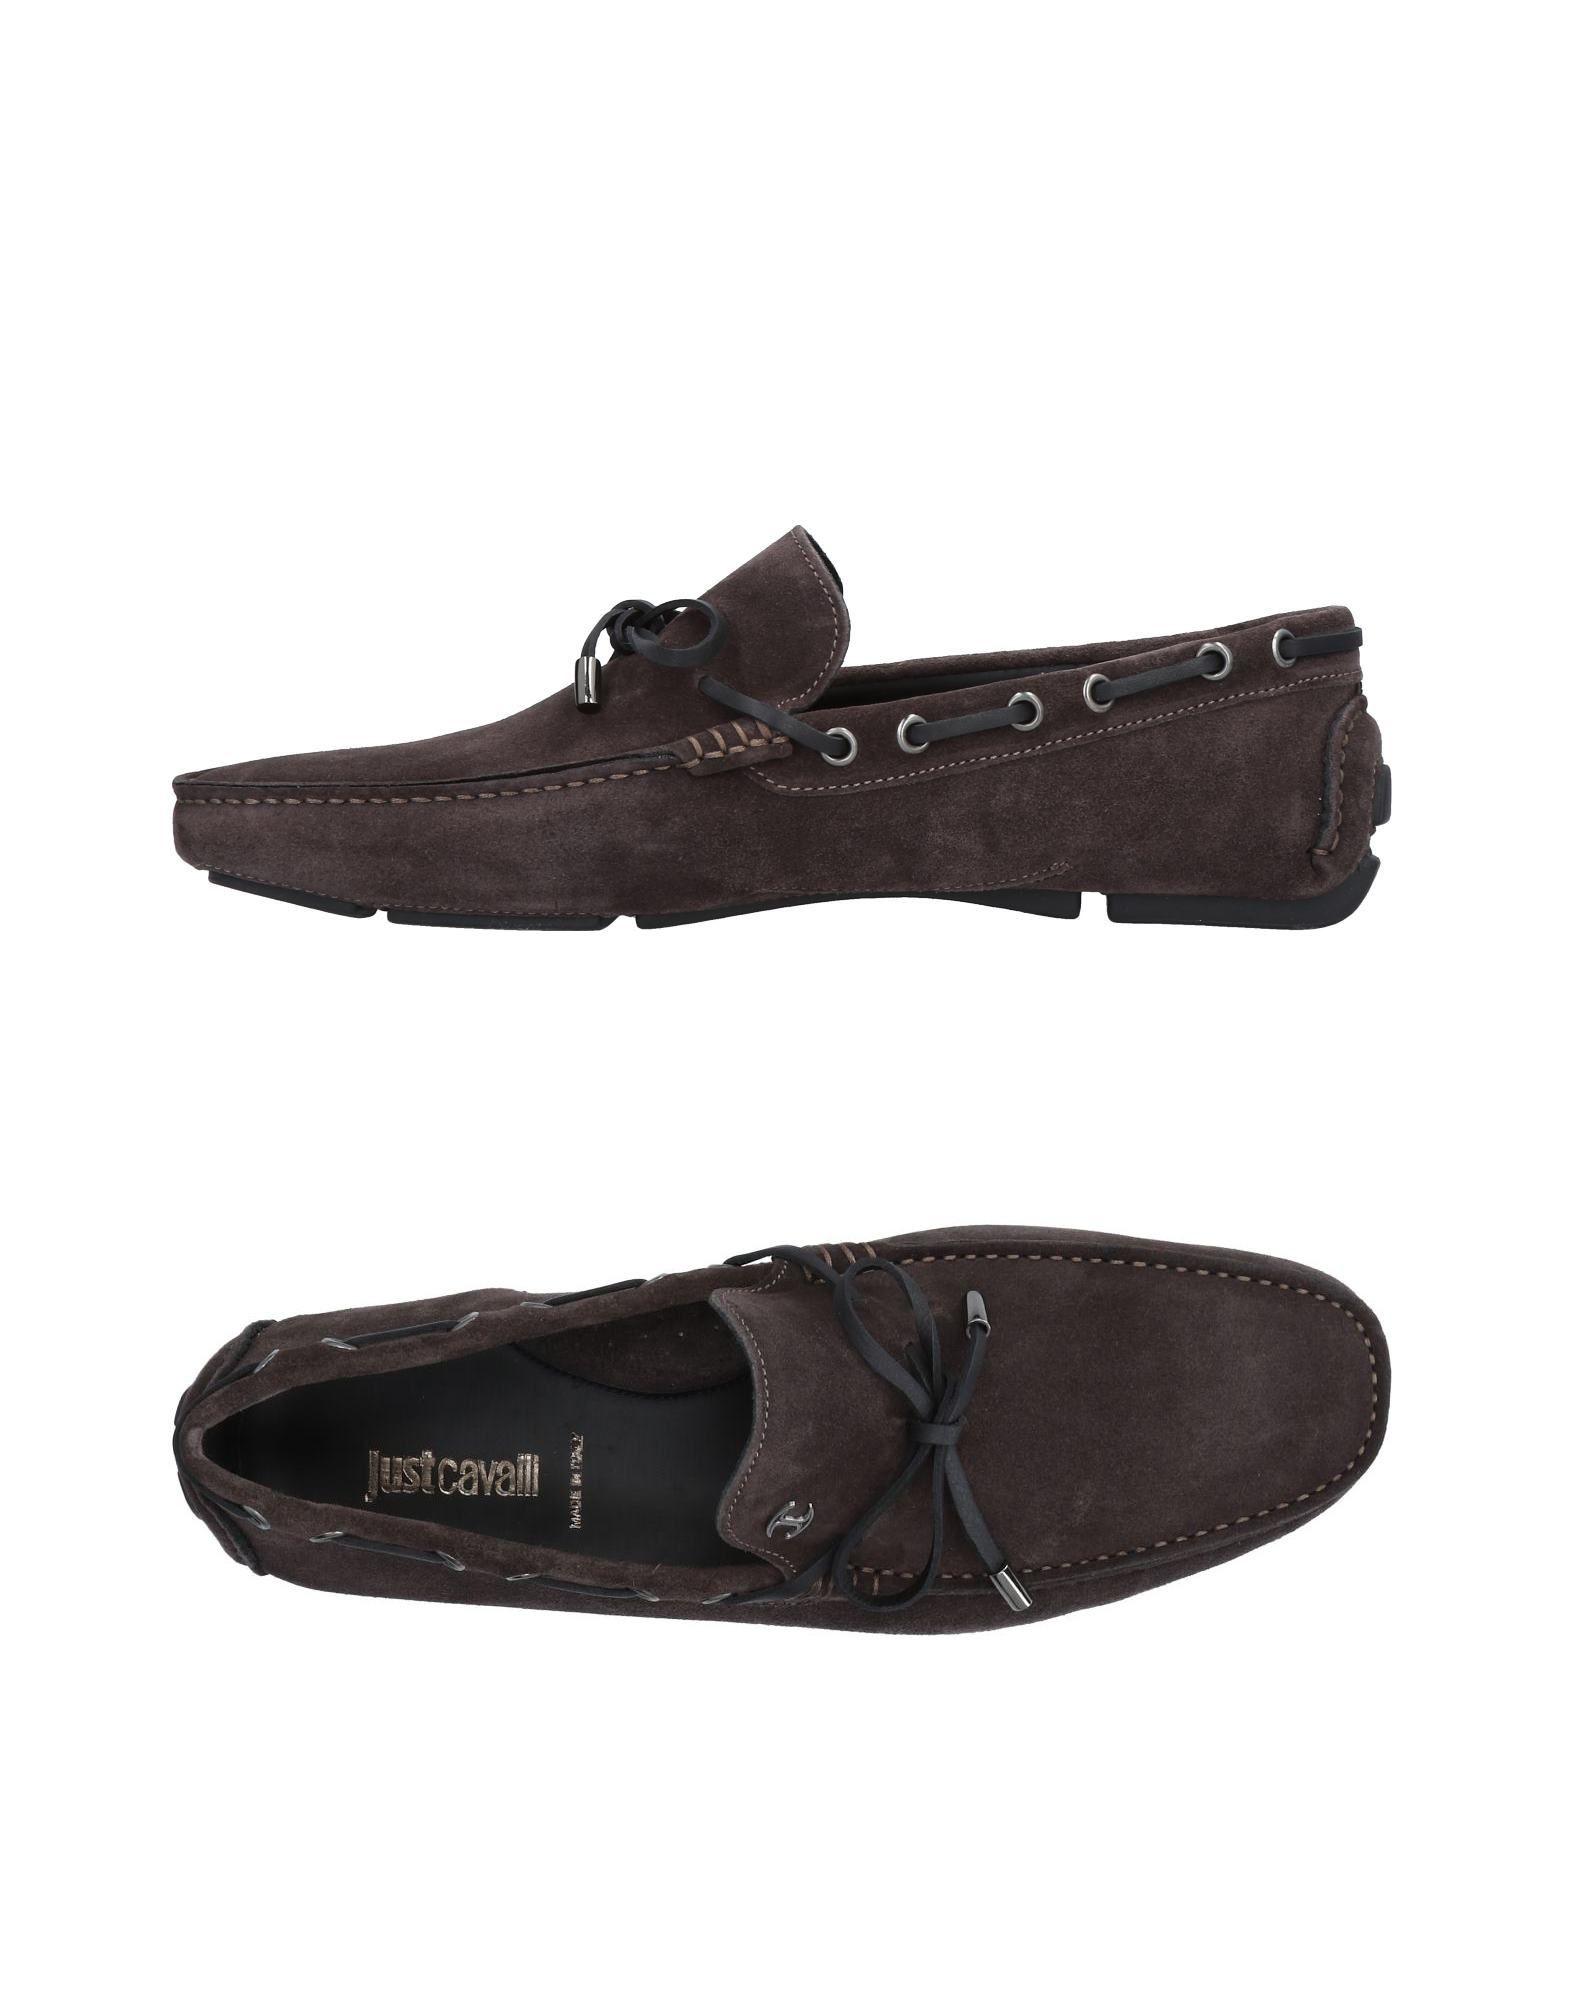 Just Cavalli Mokassins Herren  11472911CP Gute Qualität beliebte Schuhe